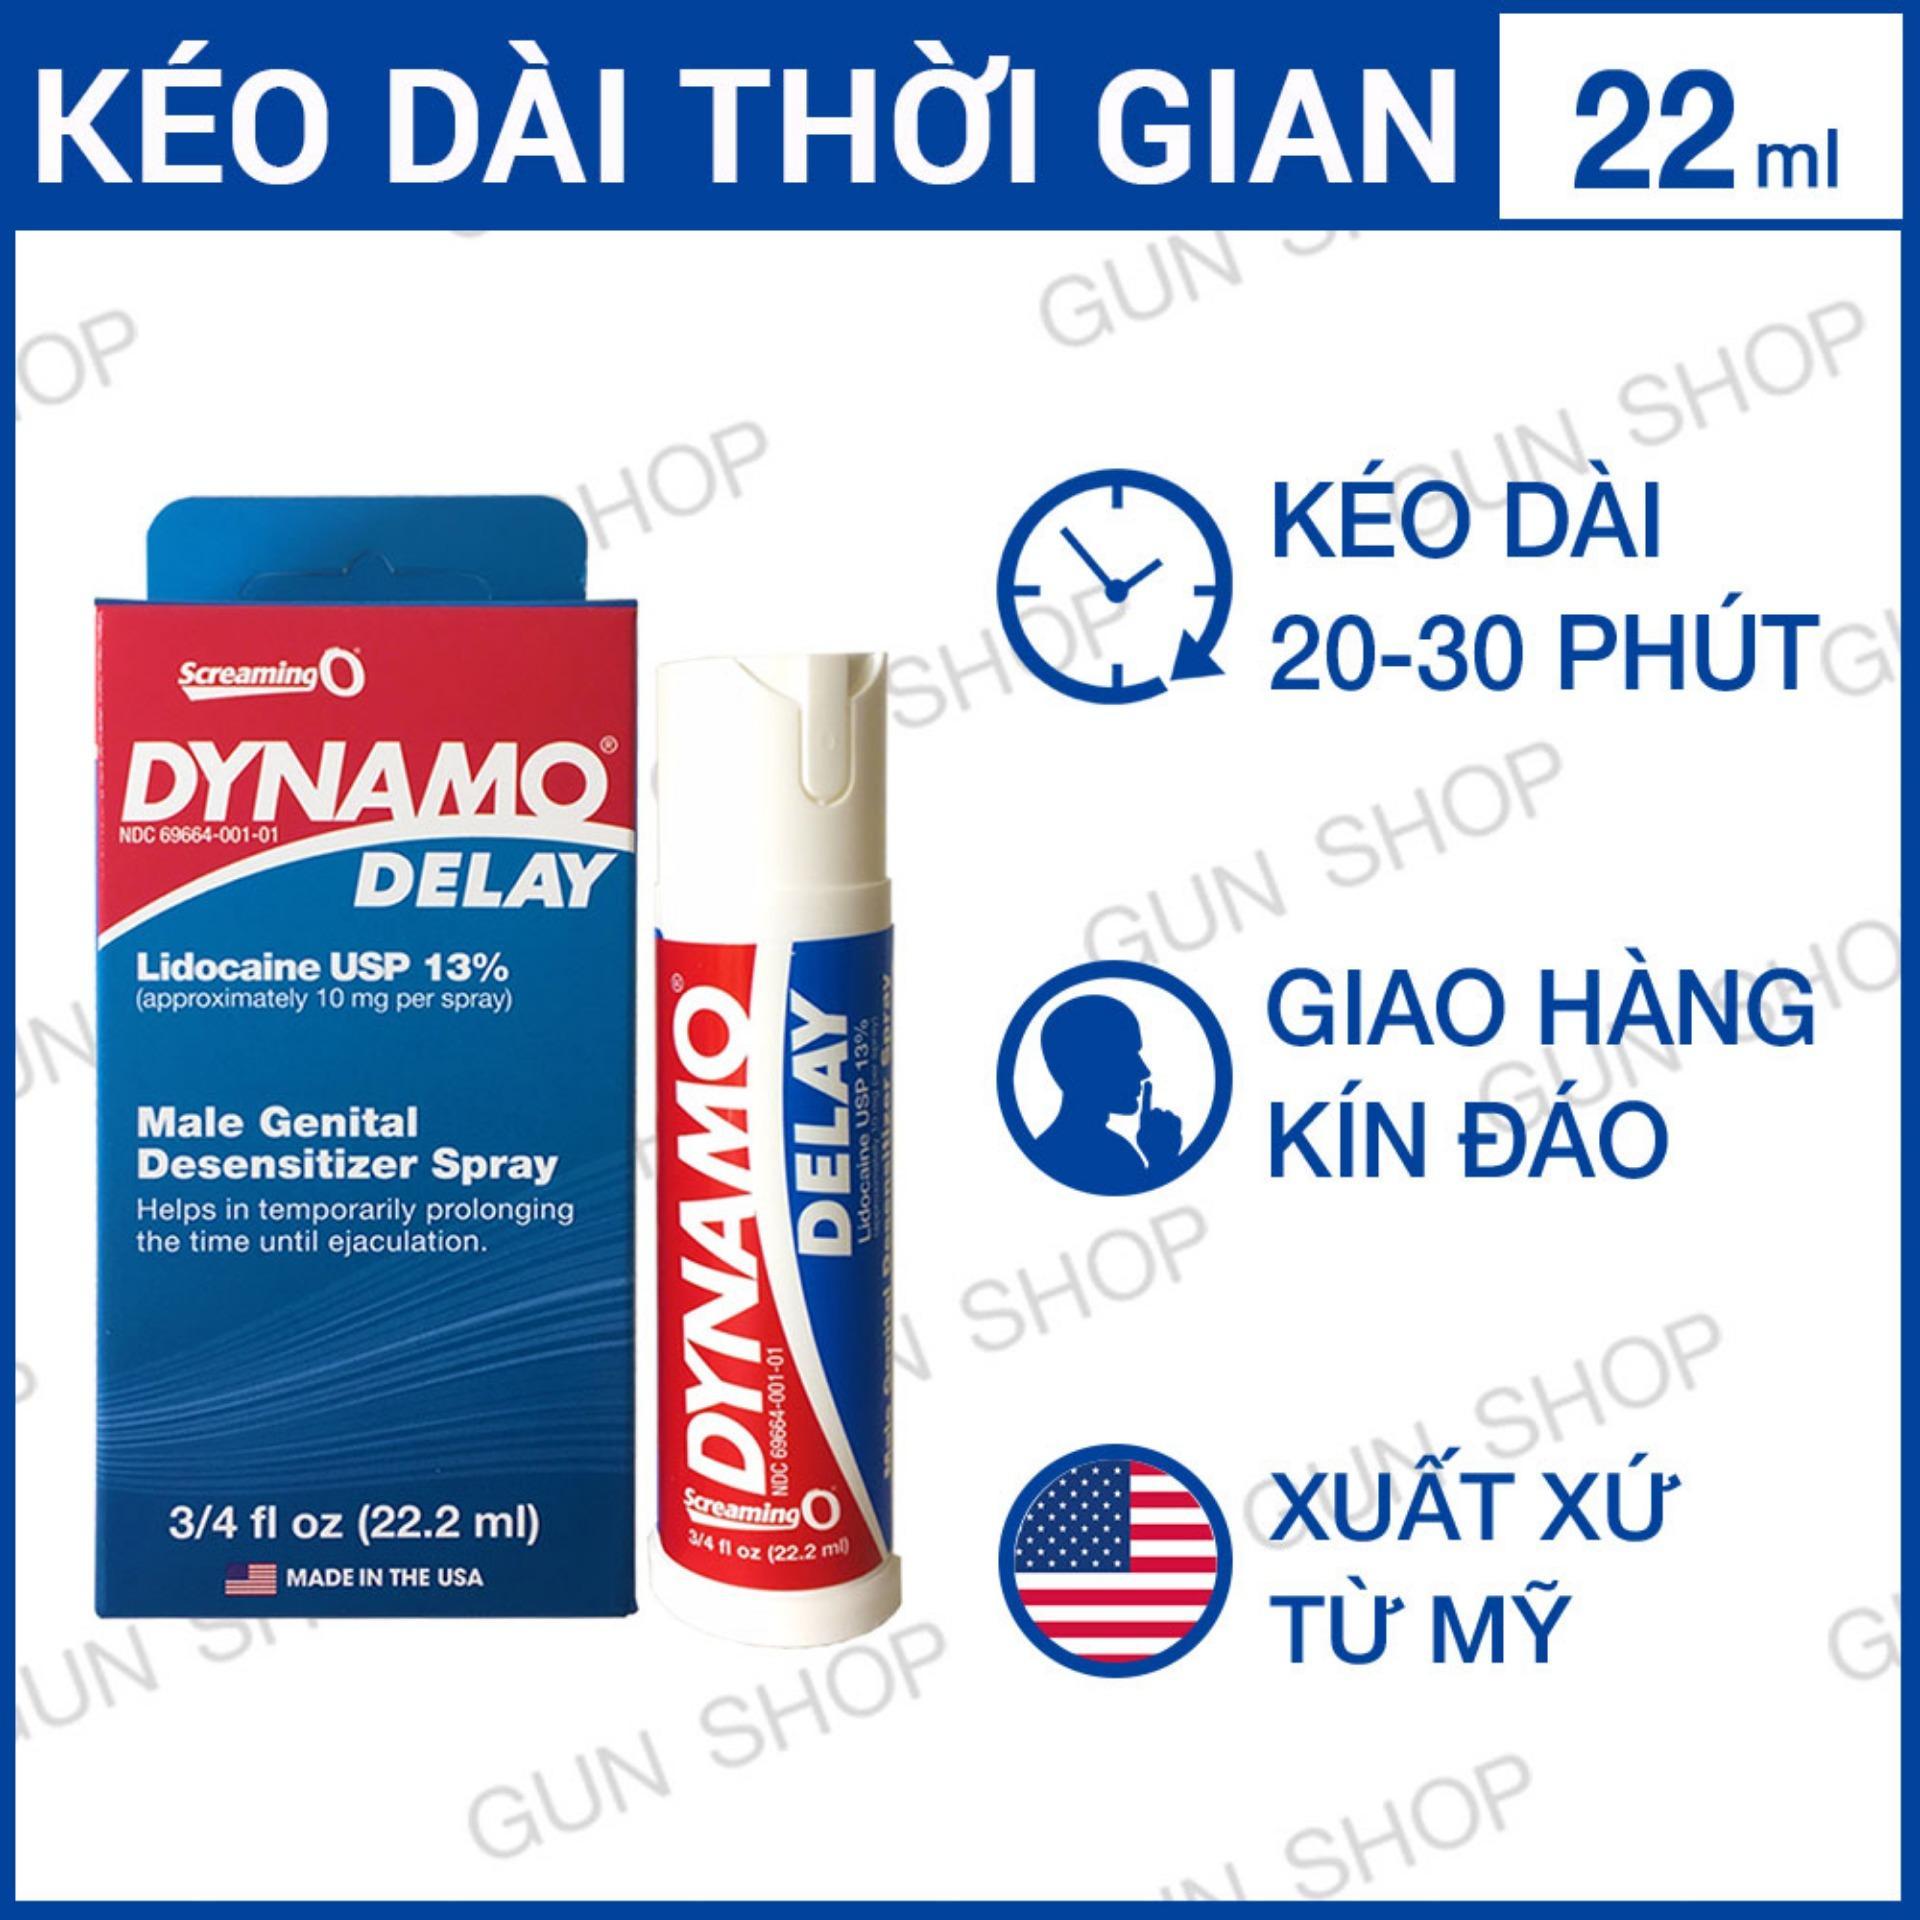 Tinh Chất Chai Xịt Dynamo Delay Mỹ - Kéo dài thời gian không mùi màu - 22ml  [ Gunshop-TC04 ] nhập khẩu